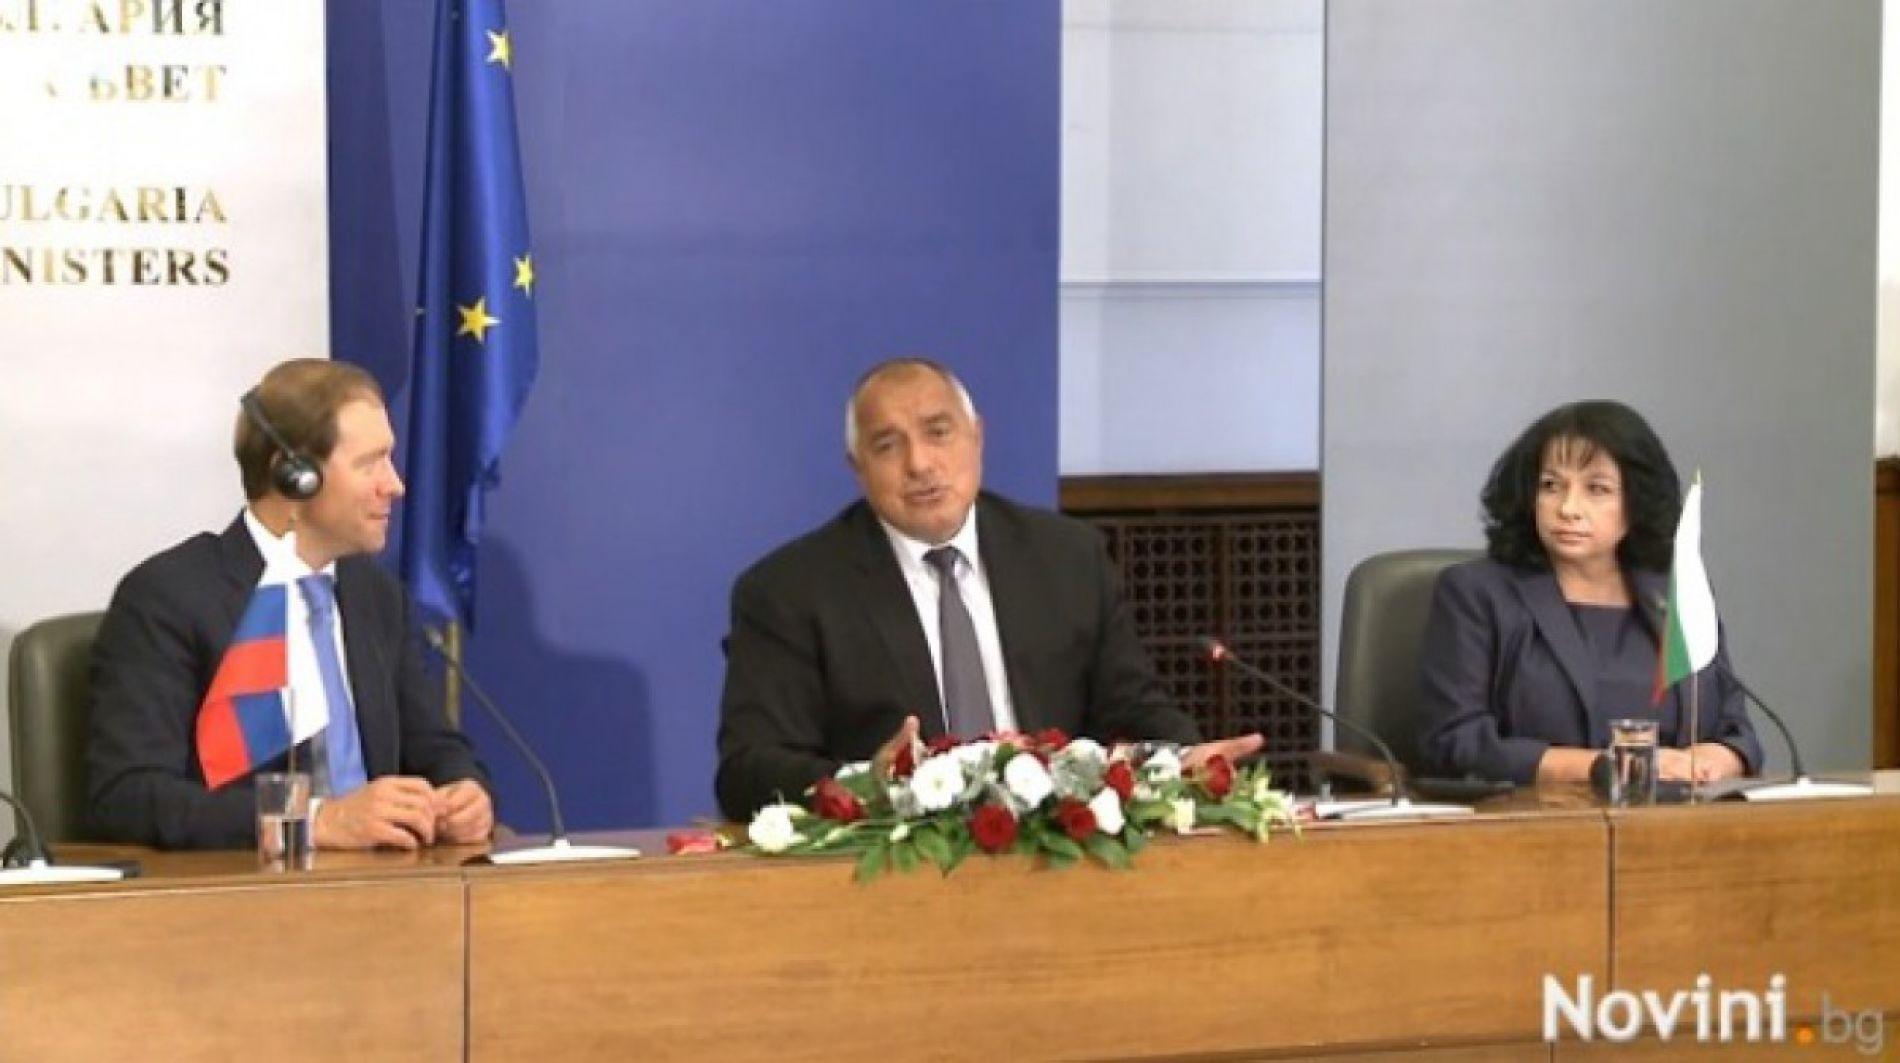 Болгария и Россия имеют прагматичные, точные и правильные взаимные выгоды для каждой страны